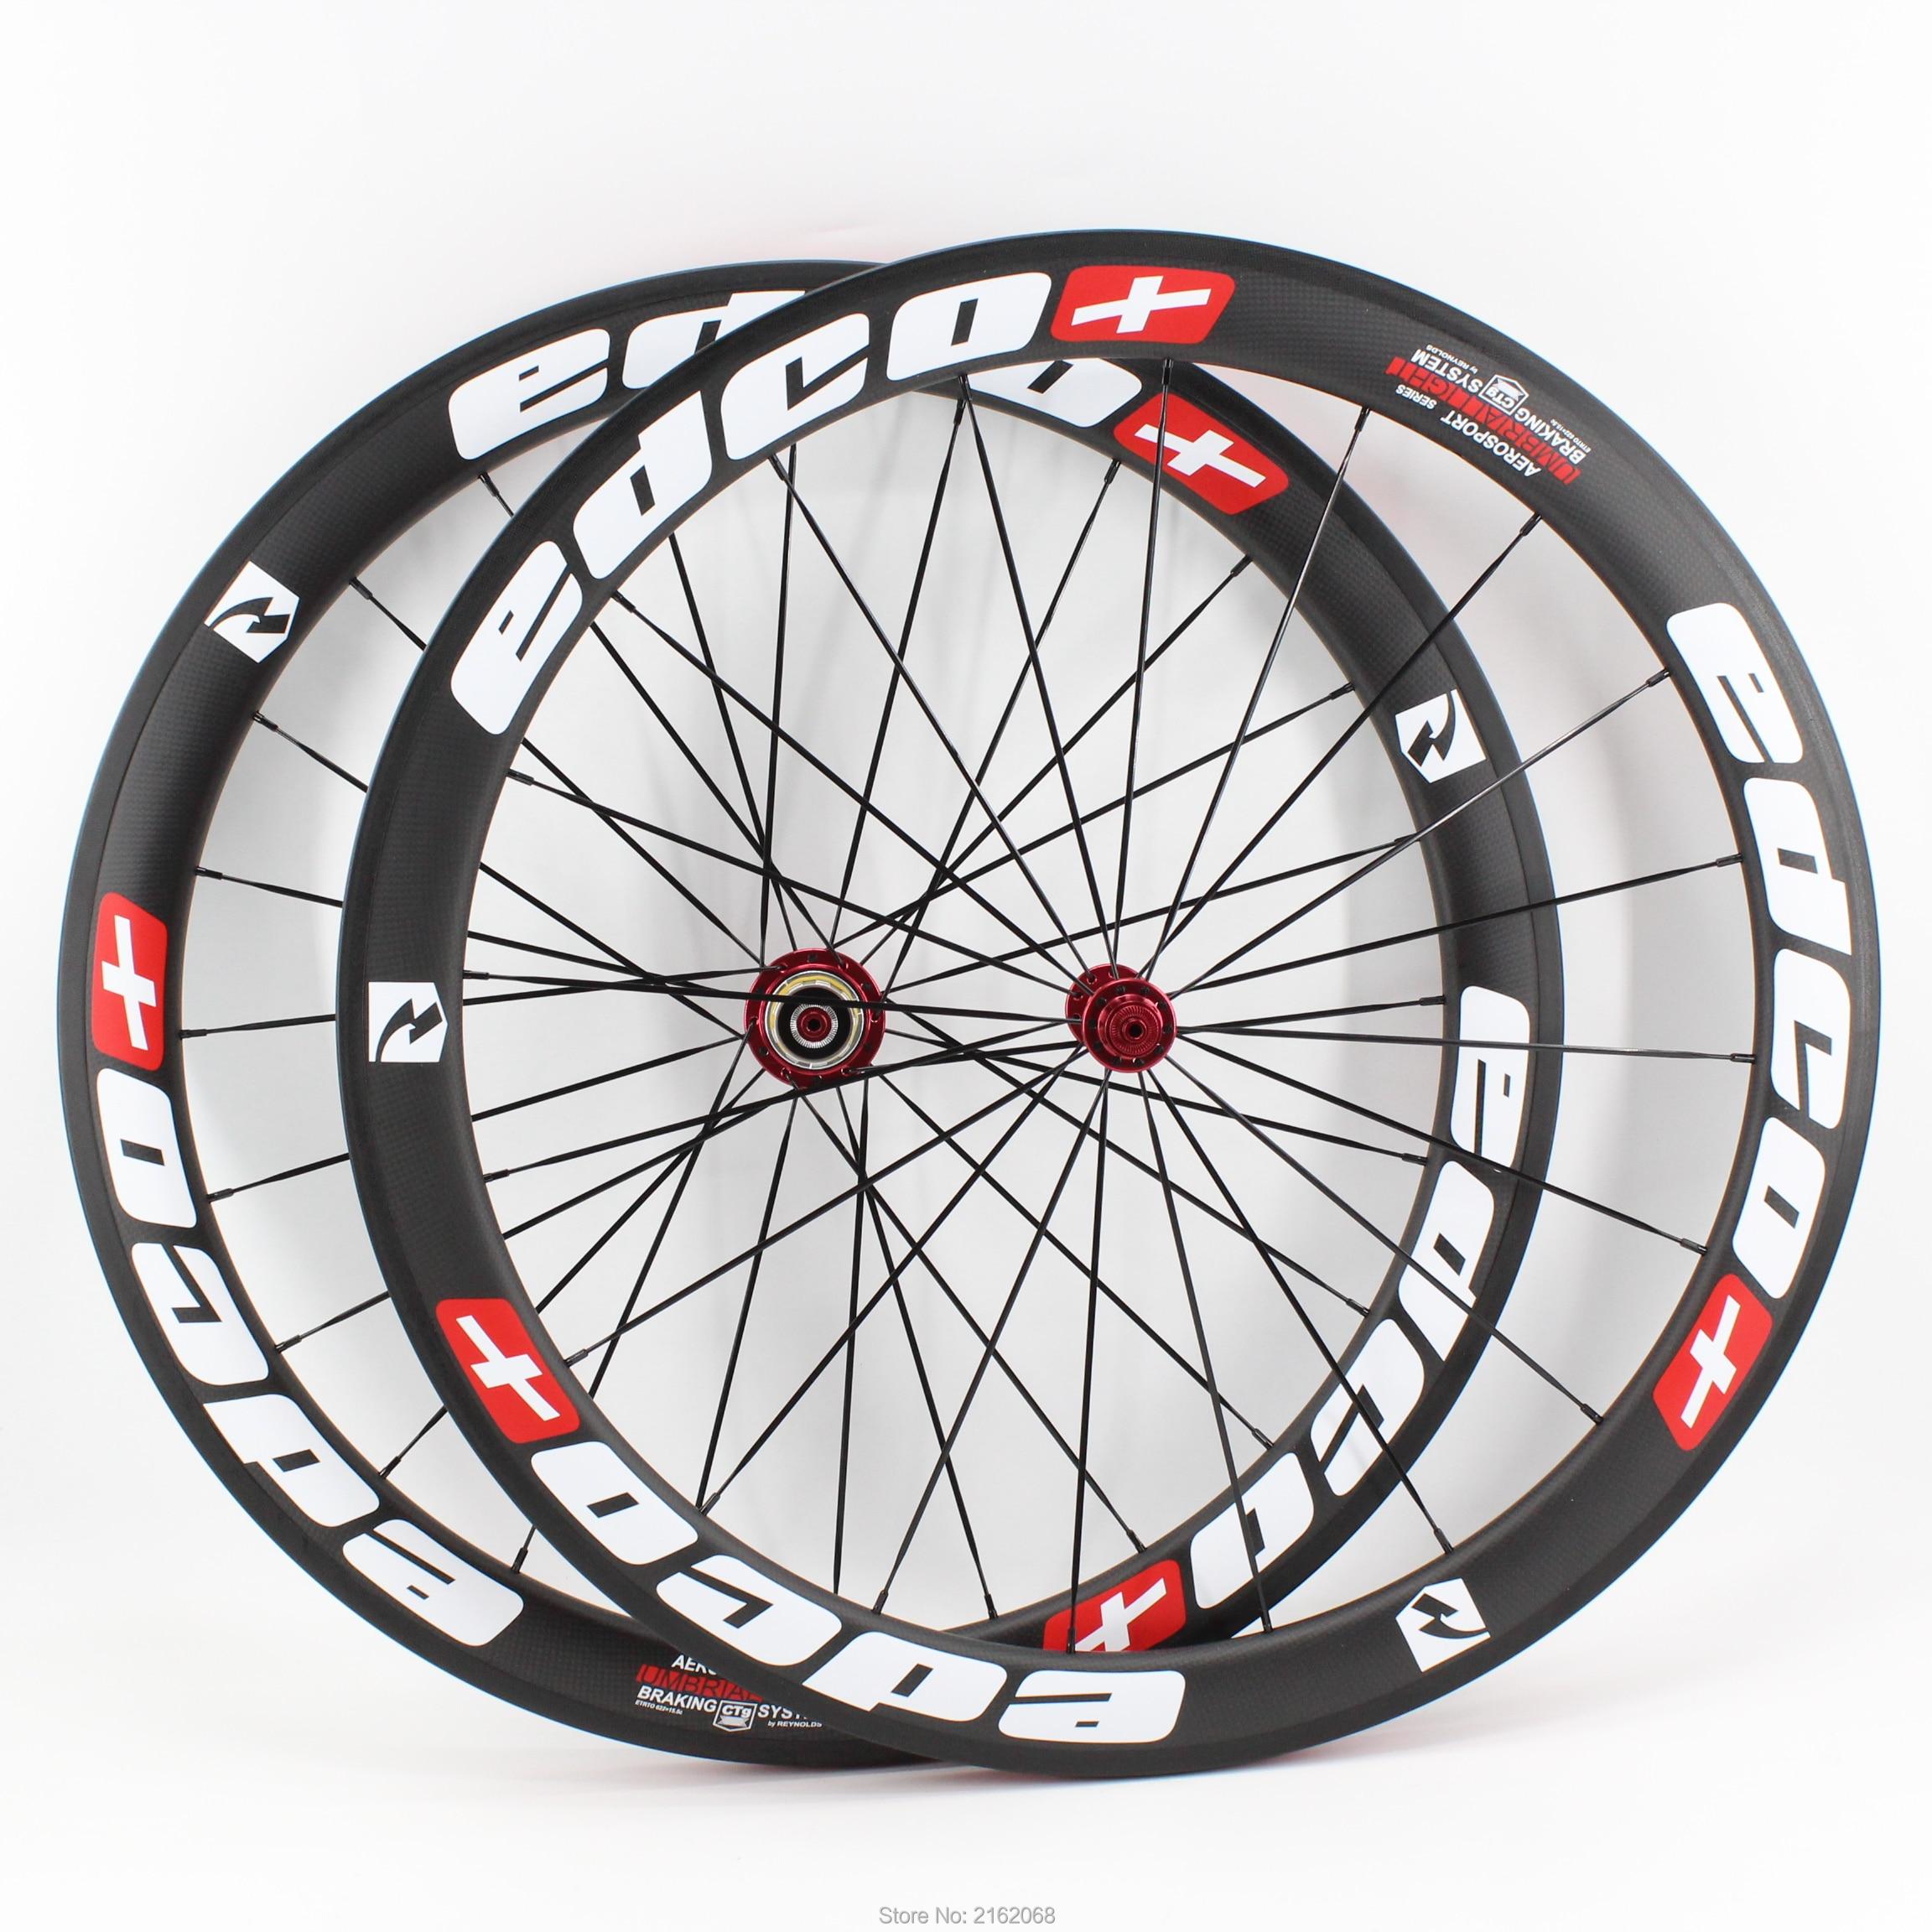 Nouveau blanc + rouge 700C 50mm pneu jantes vélo de Route mat 3 k/UD/12 k pleine fiber de carbone vélo roues 20.5/23/25mm largeur bateau Libre